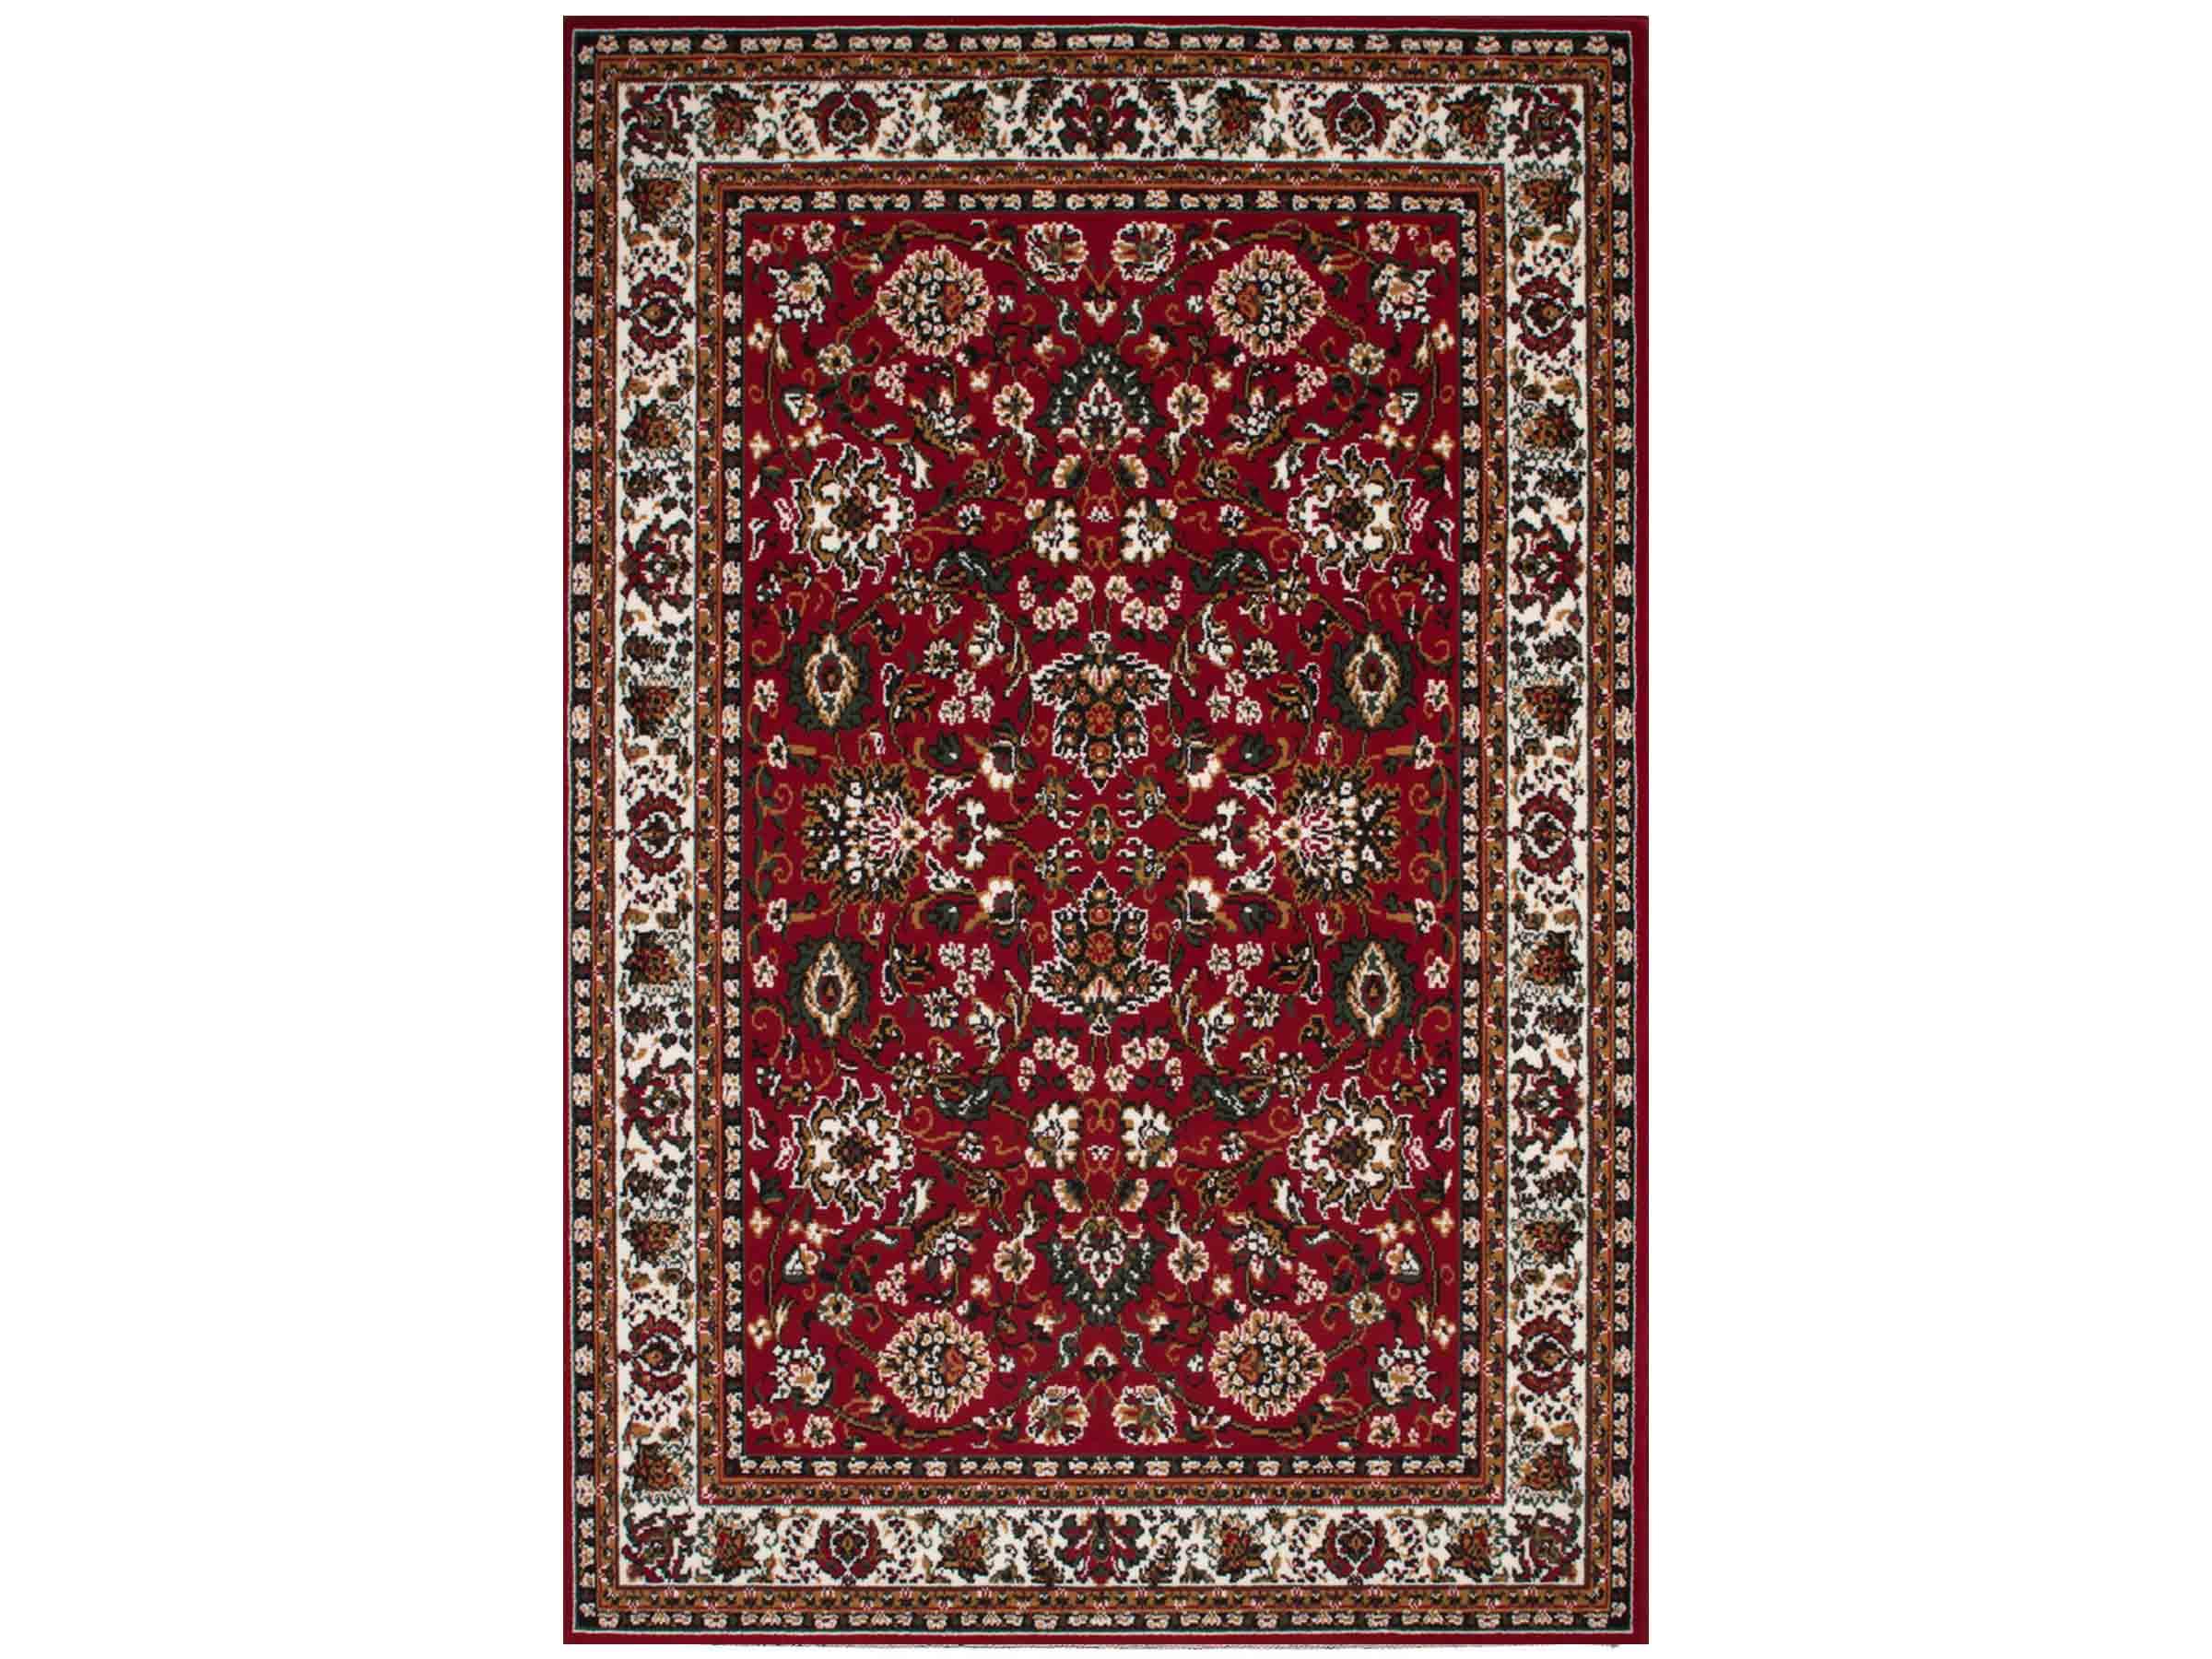 Rood Tapijt Aanbiedingen : Goedkoop perzisch tapijt kopen? rood perzisch tapijt classic